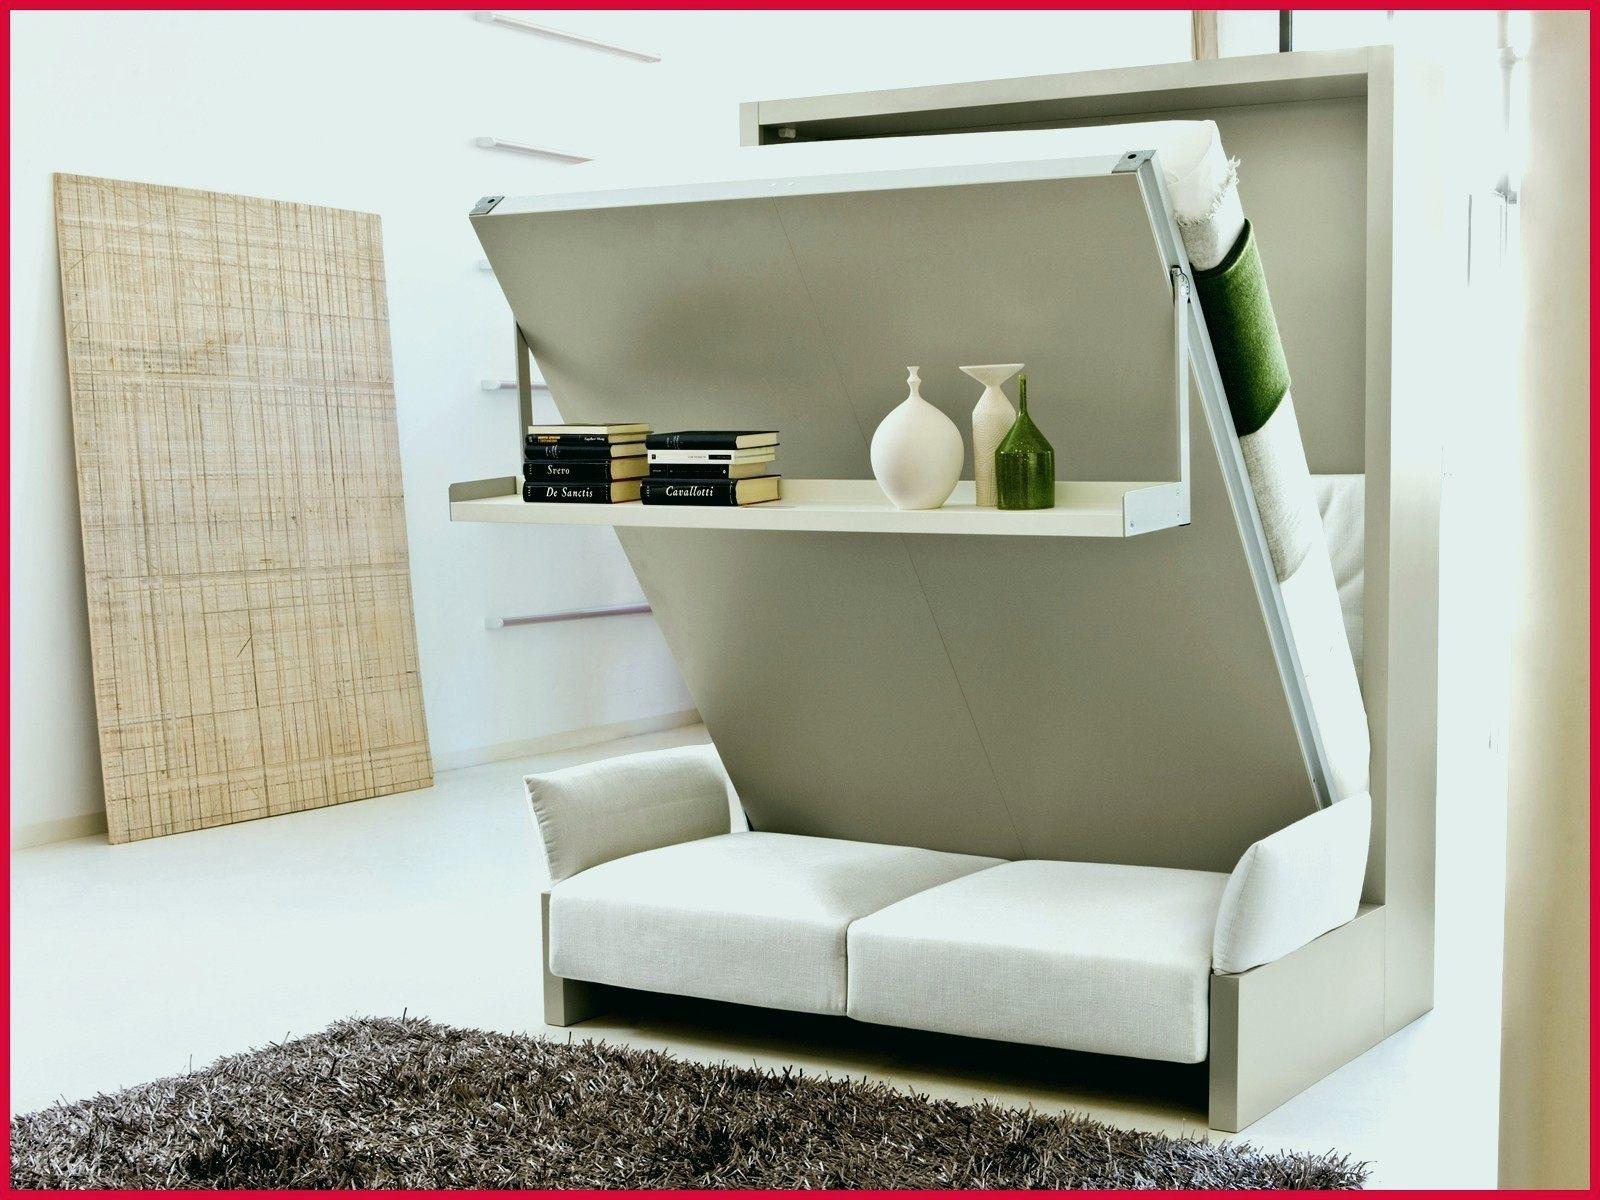 Lit Superposé Escamotable Charmant Adorable Lit Canapé Escamotable Avec Bureau Retractable Bureau